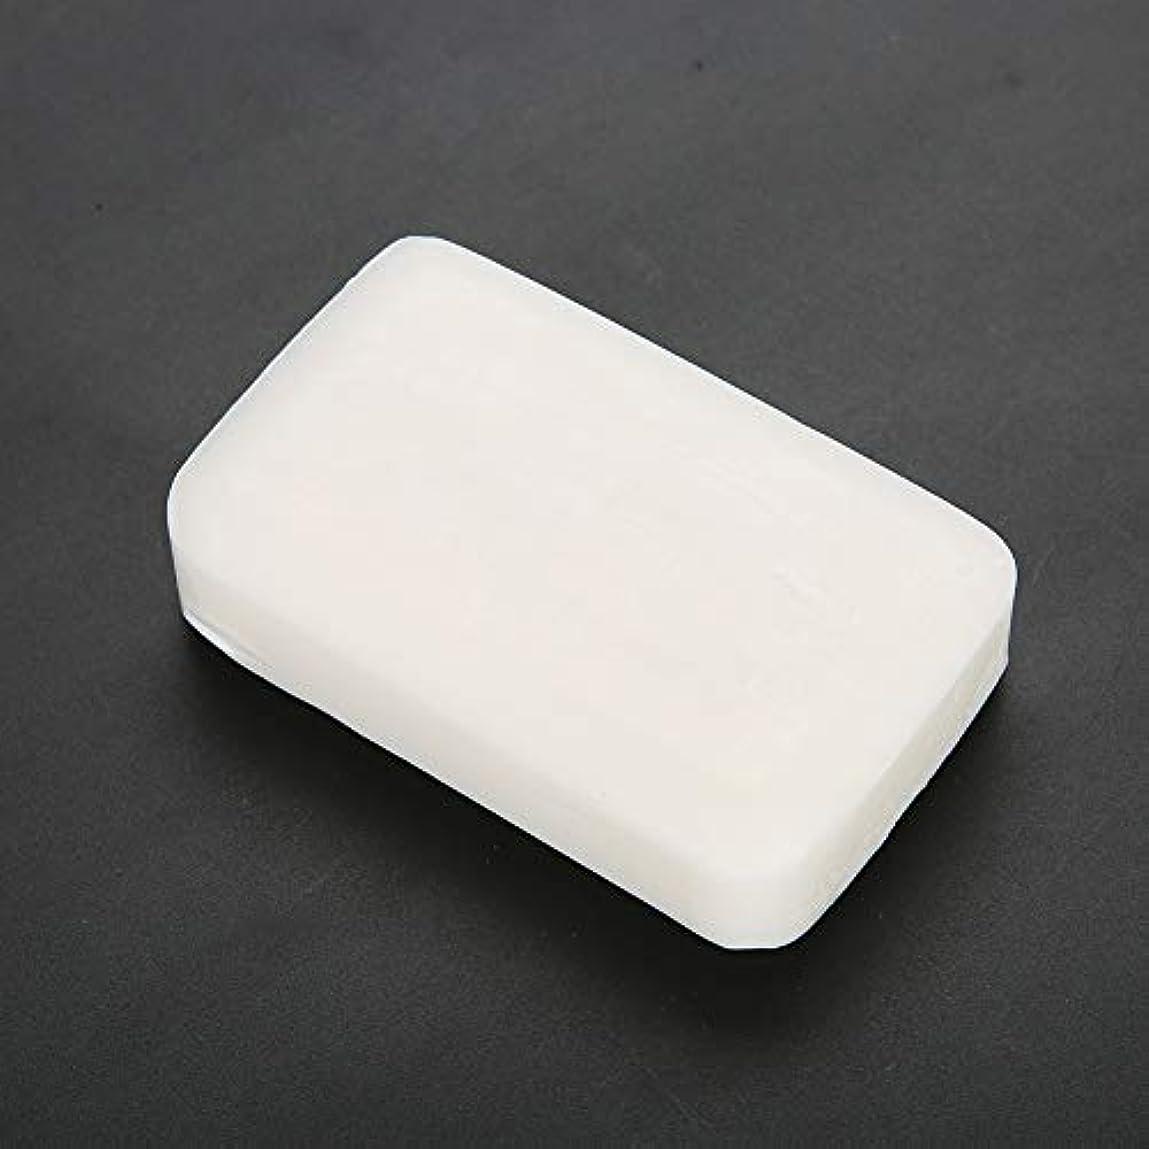 泣いている約束する赤面豊富な泡を白くする 栄養を与える 顔 ボディ洗浄 100g エキス 美の石鹸